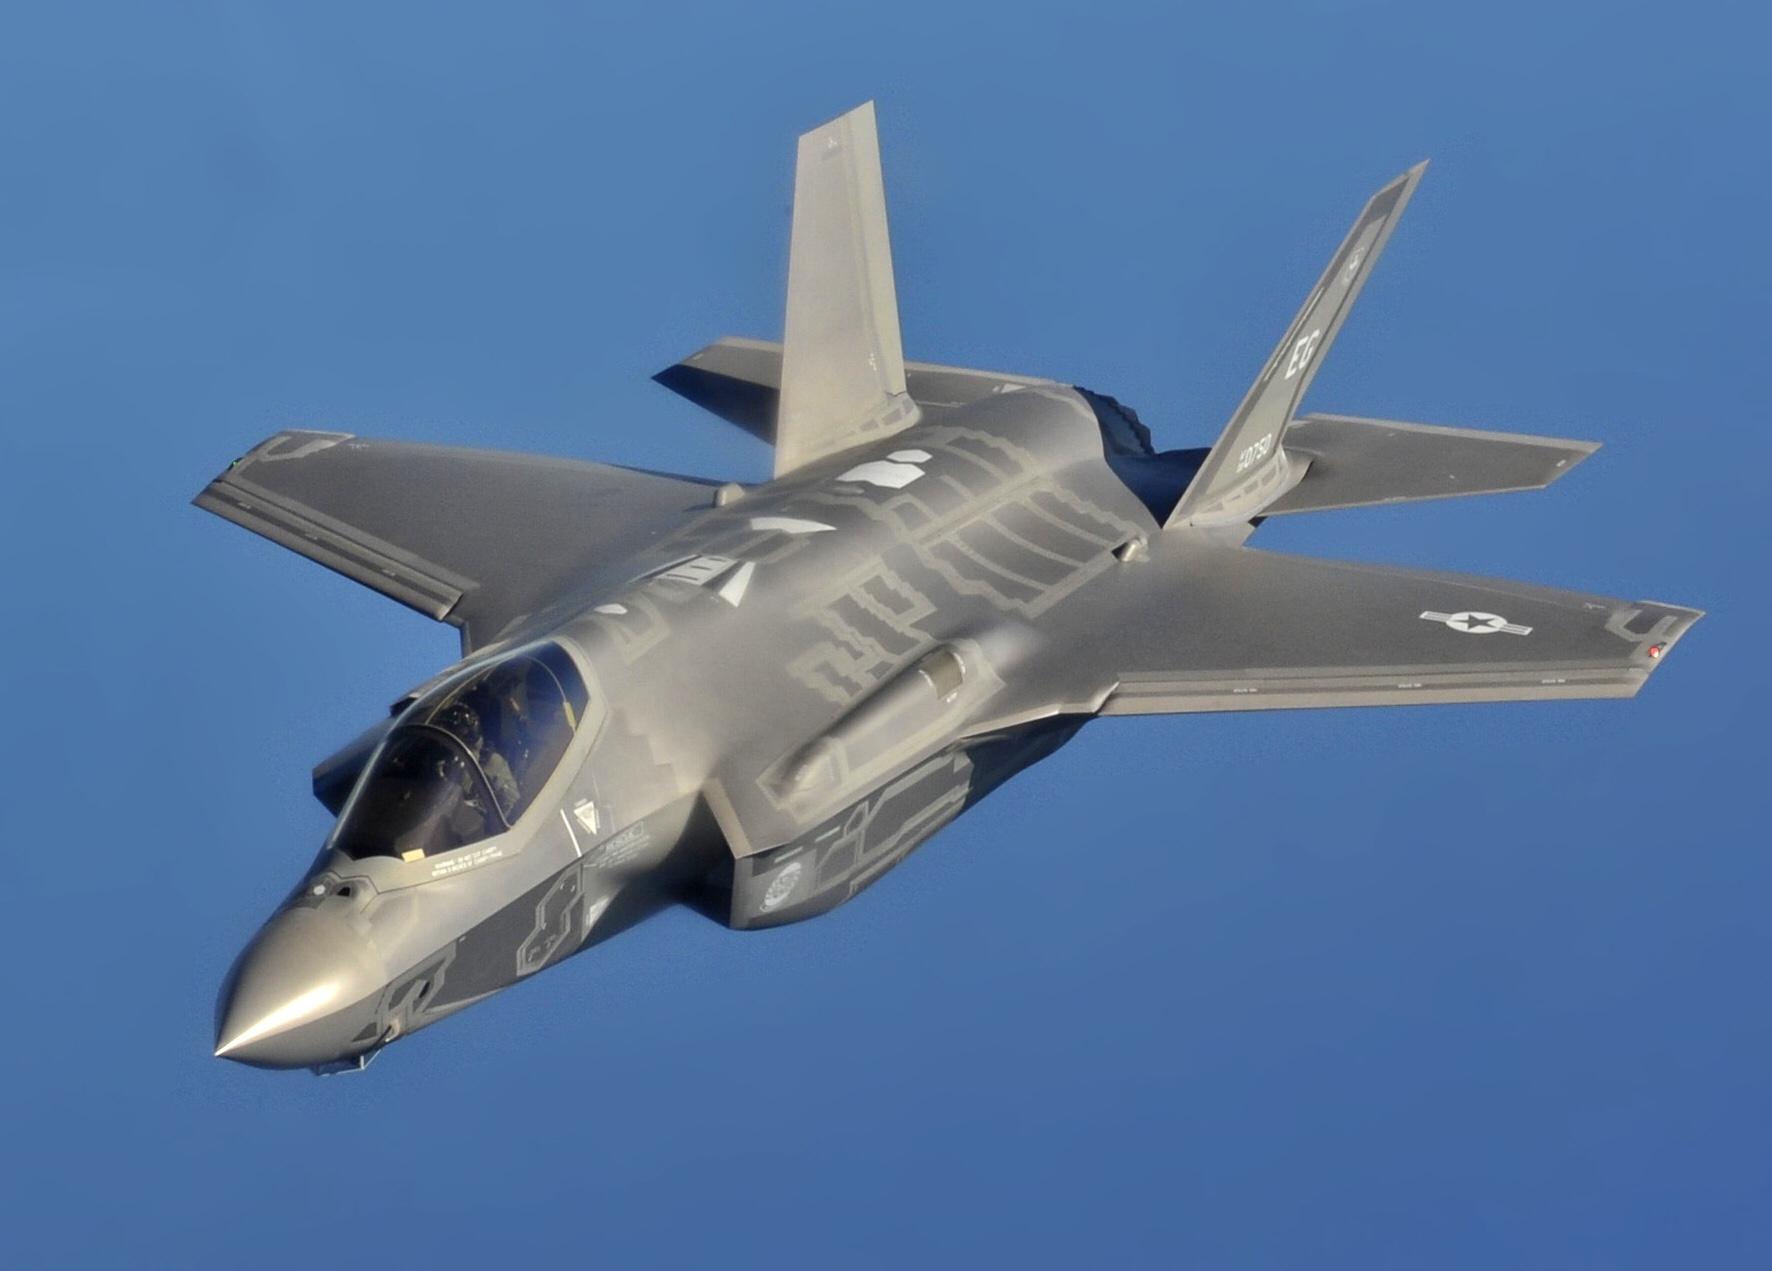 Με εντολή Ντόναλντ Τράμπ αποπομπή της Τουρκίας από το πρόγραμμα F-35 Lightning II λόγω S-400 [ΒΙΝΤΕΟ]